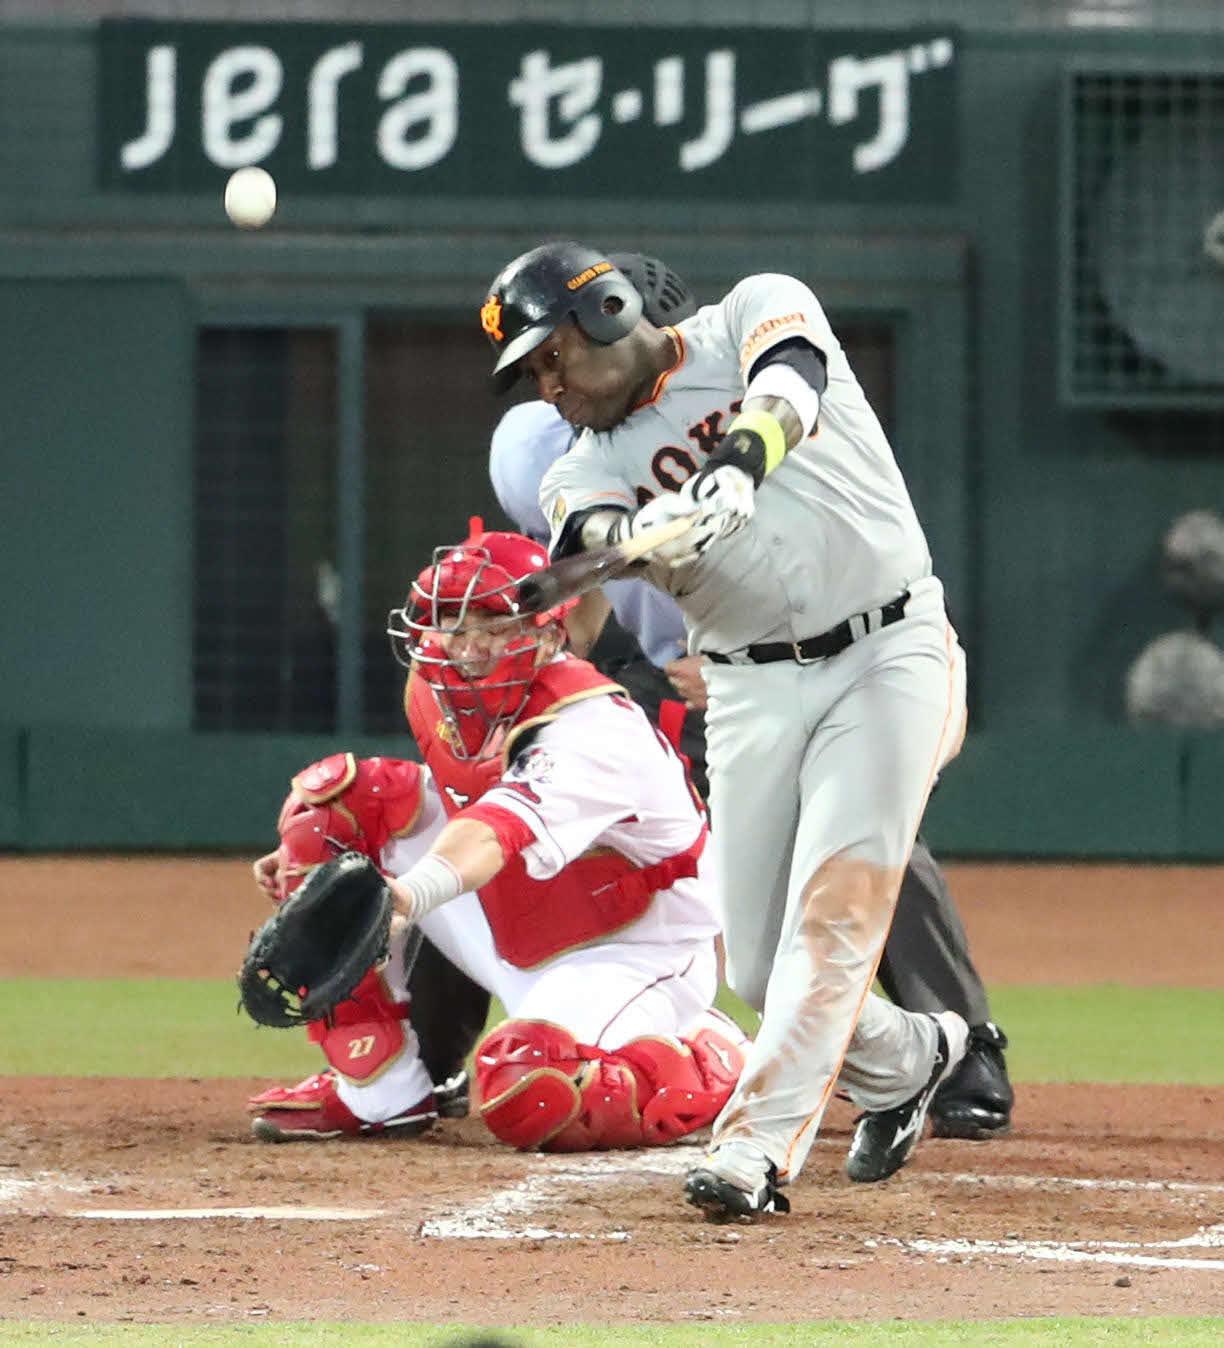 広島対巨人 5回表巨人1死一塁、ウィーラーは左中間に2点本塁打を放つ(撮影・梅根麻紀)